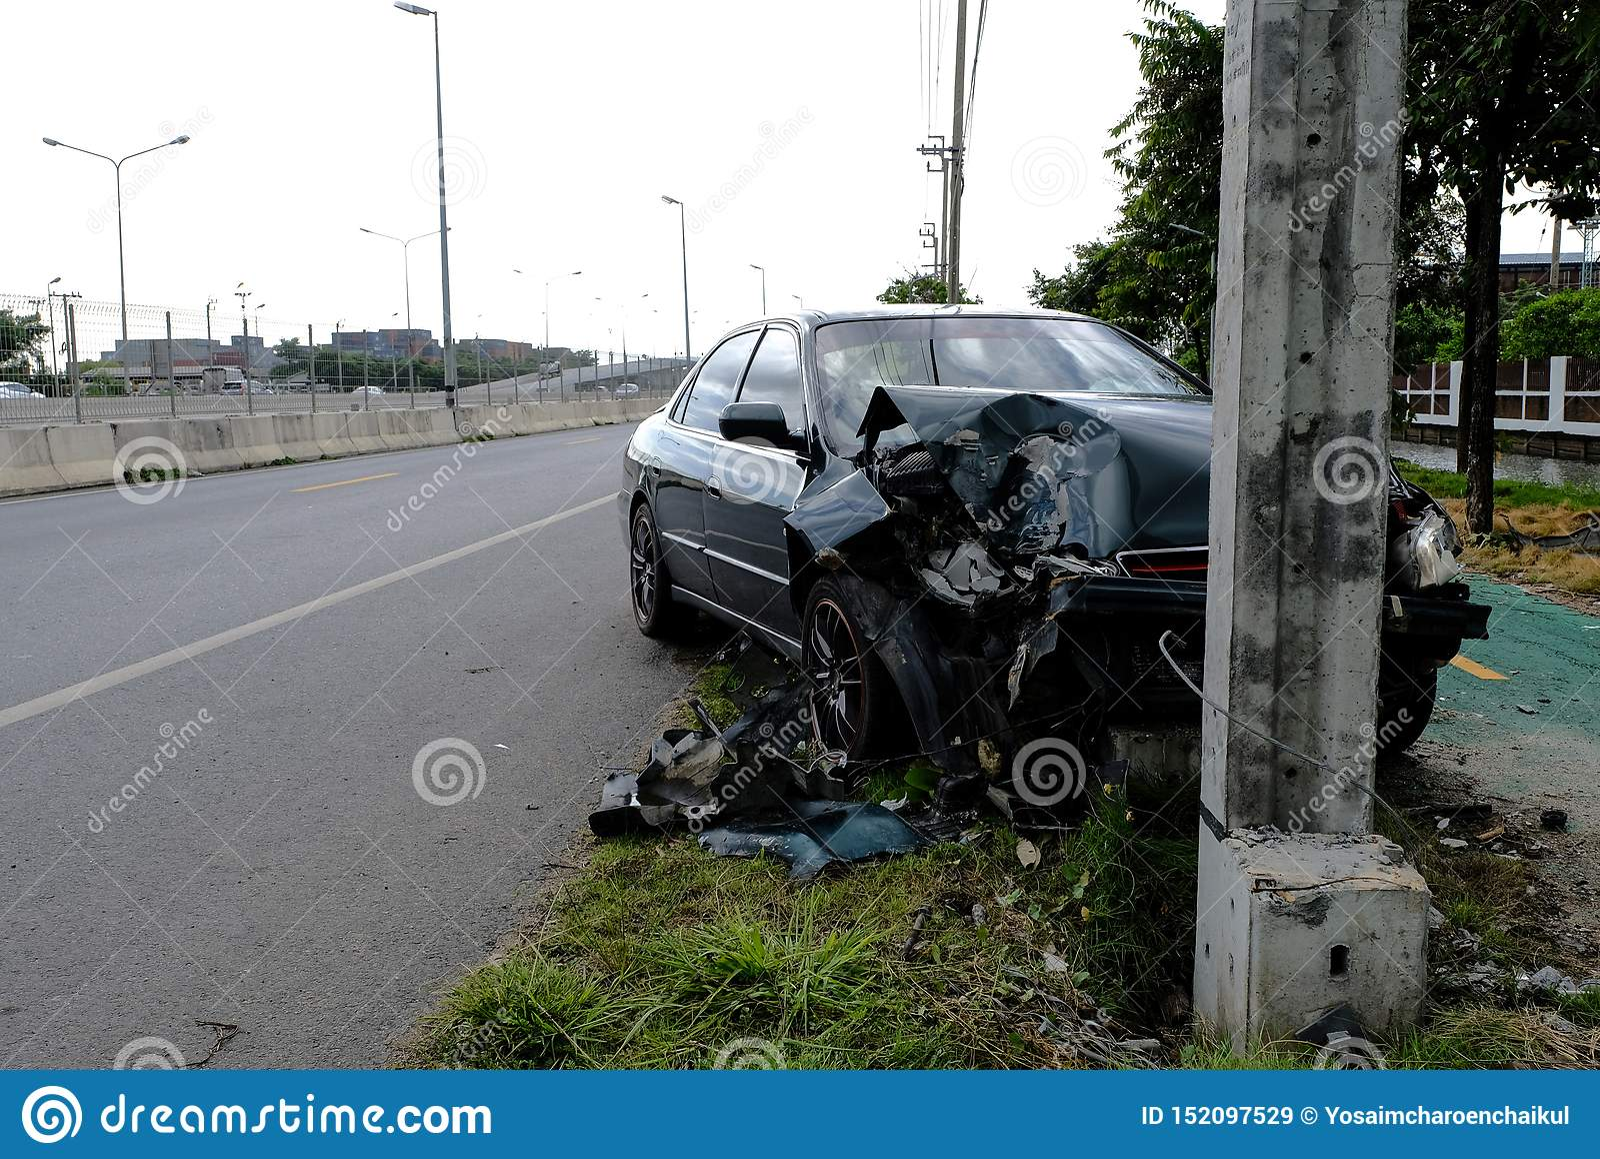 Os carros verdes conduzem com negligência rapidamente E colidiu com o polo elétrico até que esteve danificado, o acidente de trân